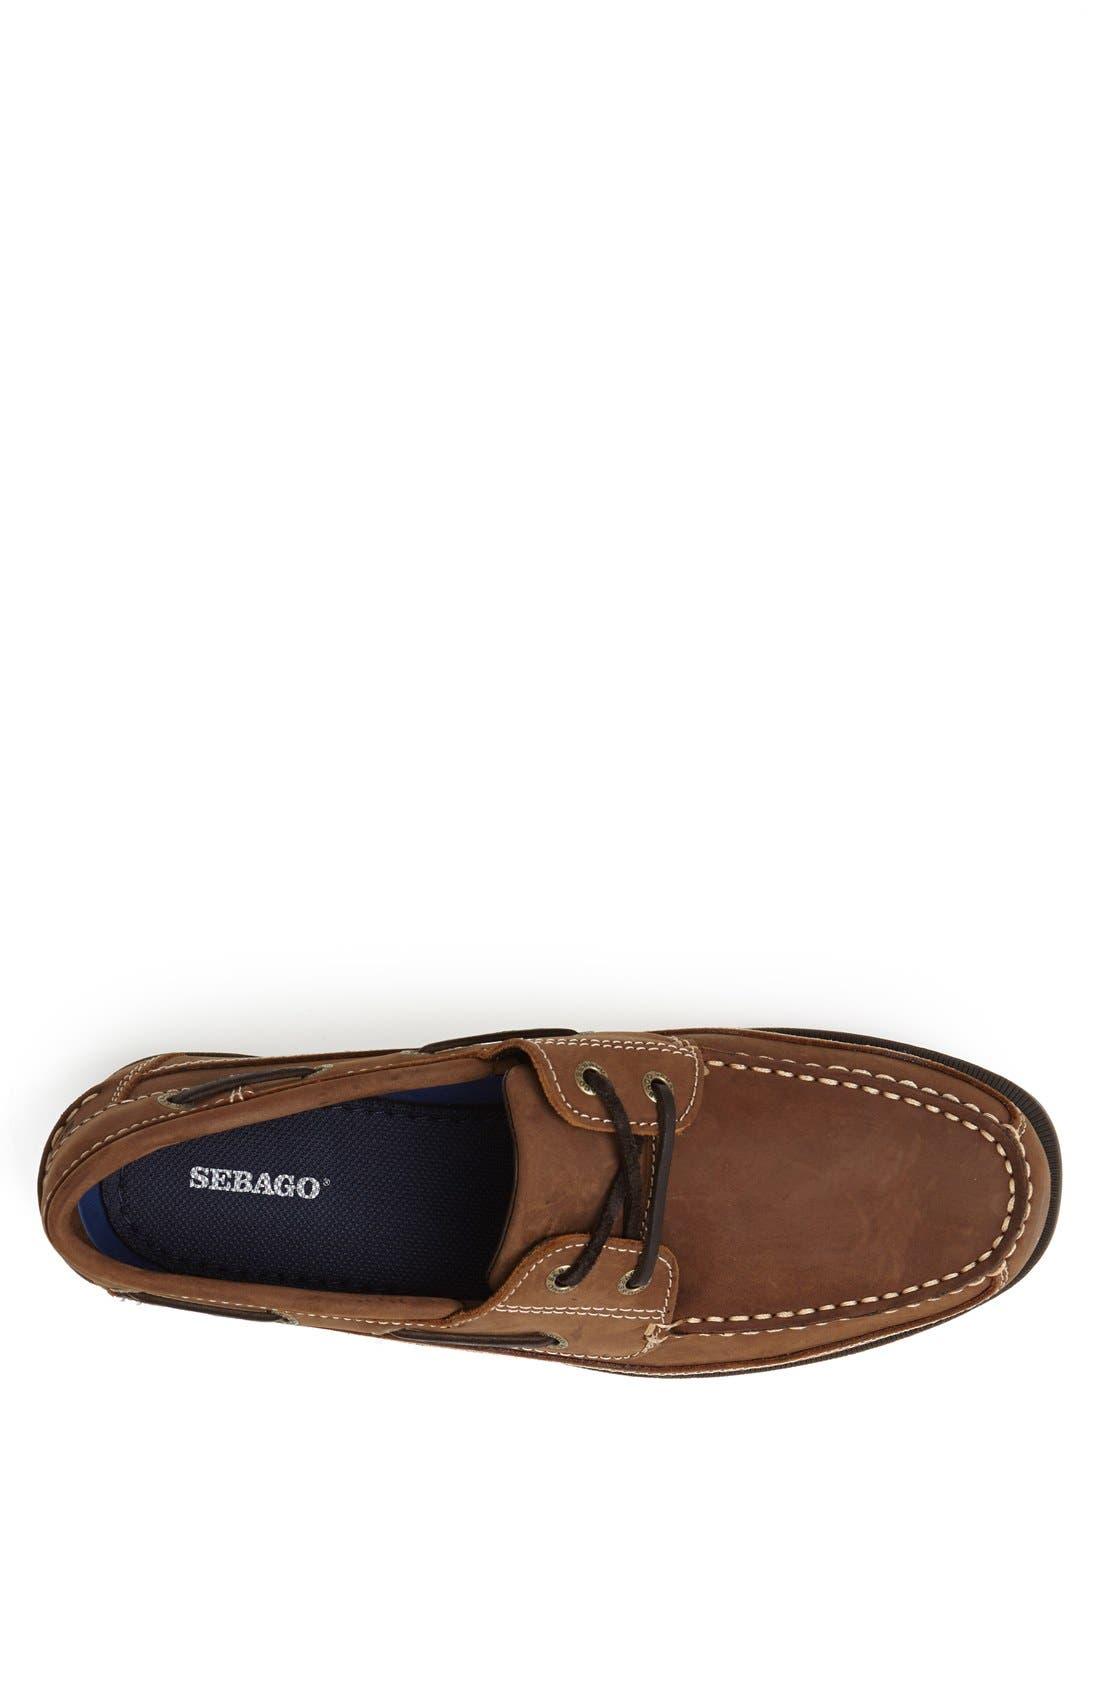 Alternate Image 3  - Sebago 'Grinder' Boat Shoe